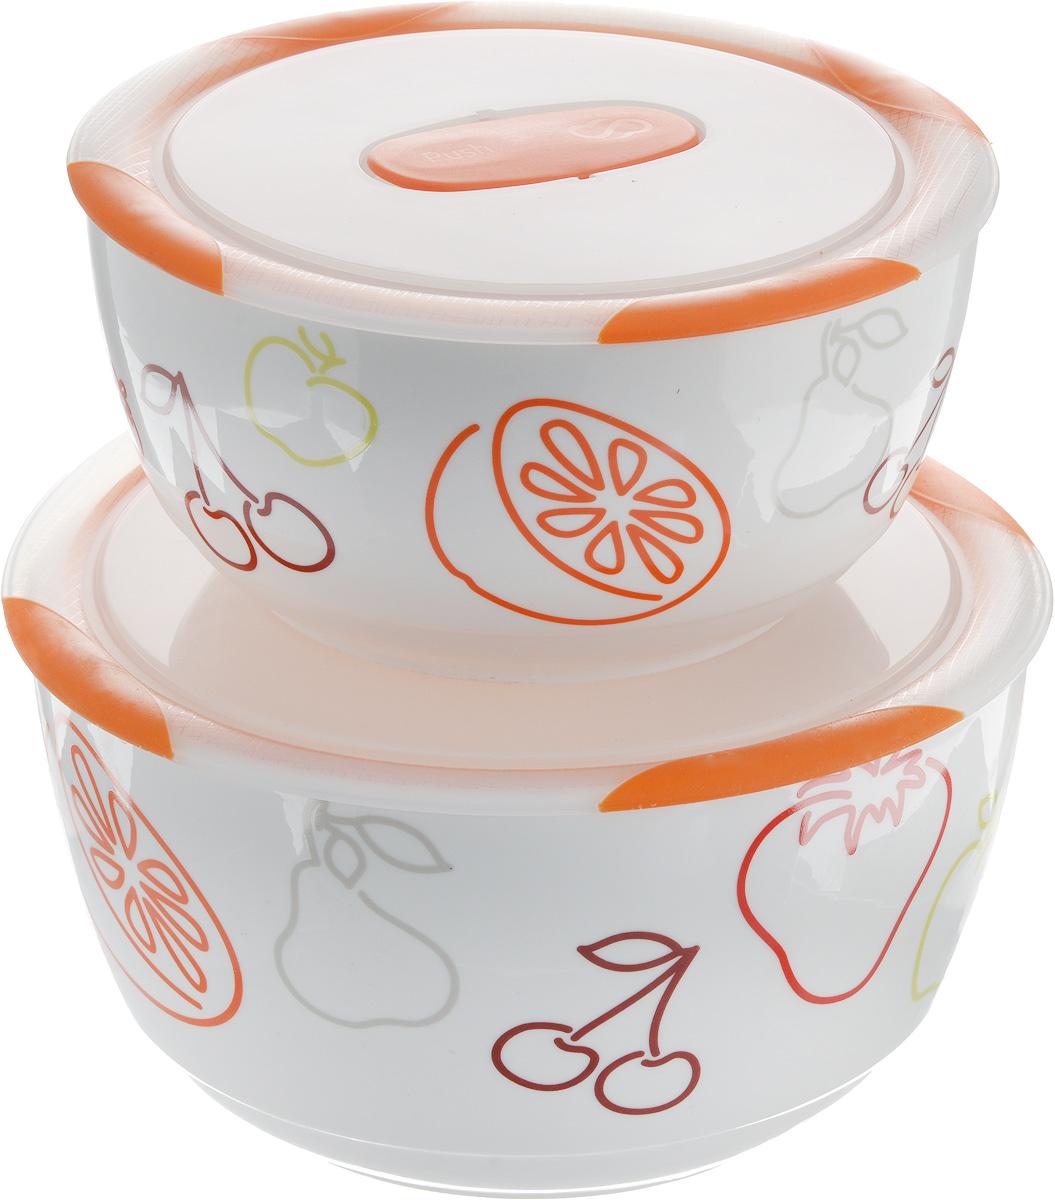 Набор мисок Oursson Bon Appetit, с крышками, цвет: оранжевый, белый, 2 штFS-91909Набор Oursson состоит из четырех мисок разного размера, выполненных из керамики иоформленных рисунком. Керамика, из которой изготовлены емкости, выдерживает температурудо 250°С, поэтому подать блюда на стол можно сразу после приготовления в микроволновойпечи или духовом шкафу. Миски снабжены плотно закрывающимися пластиковыми крышками с технологией Clip Fresh.Такой набор прекрасно подходит для хранения продуктов и соусов без проливания, которые непрольются при переноске благодаря силиконовому уплотнителю, обеспечивающему 100%герметичность. Миски являются универсальным приобретением для любой кухни. С их помощью можноготовить блюда, хранить продукты и даже сервировать стол. Оригинальный дизайн, высокоекачество ифункциональность набора Oursson позволят ему стать достойным дополнением к вашемукухонному инвентарю. Можно мыть в посудомоечной машине.Характеристика емкости №1:Объем: 3 л. Высота стенки: 11,3 см.Диаметр (по верхнему краю): 21,3 см.Характеристика емкости №2:Объем: 1,7 л. Высота стенки: 9 см. Диаметр (по верхнему краю): 18,1 см.